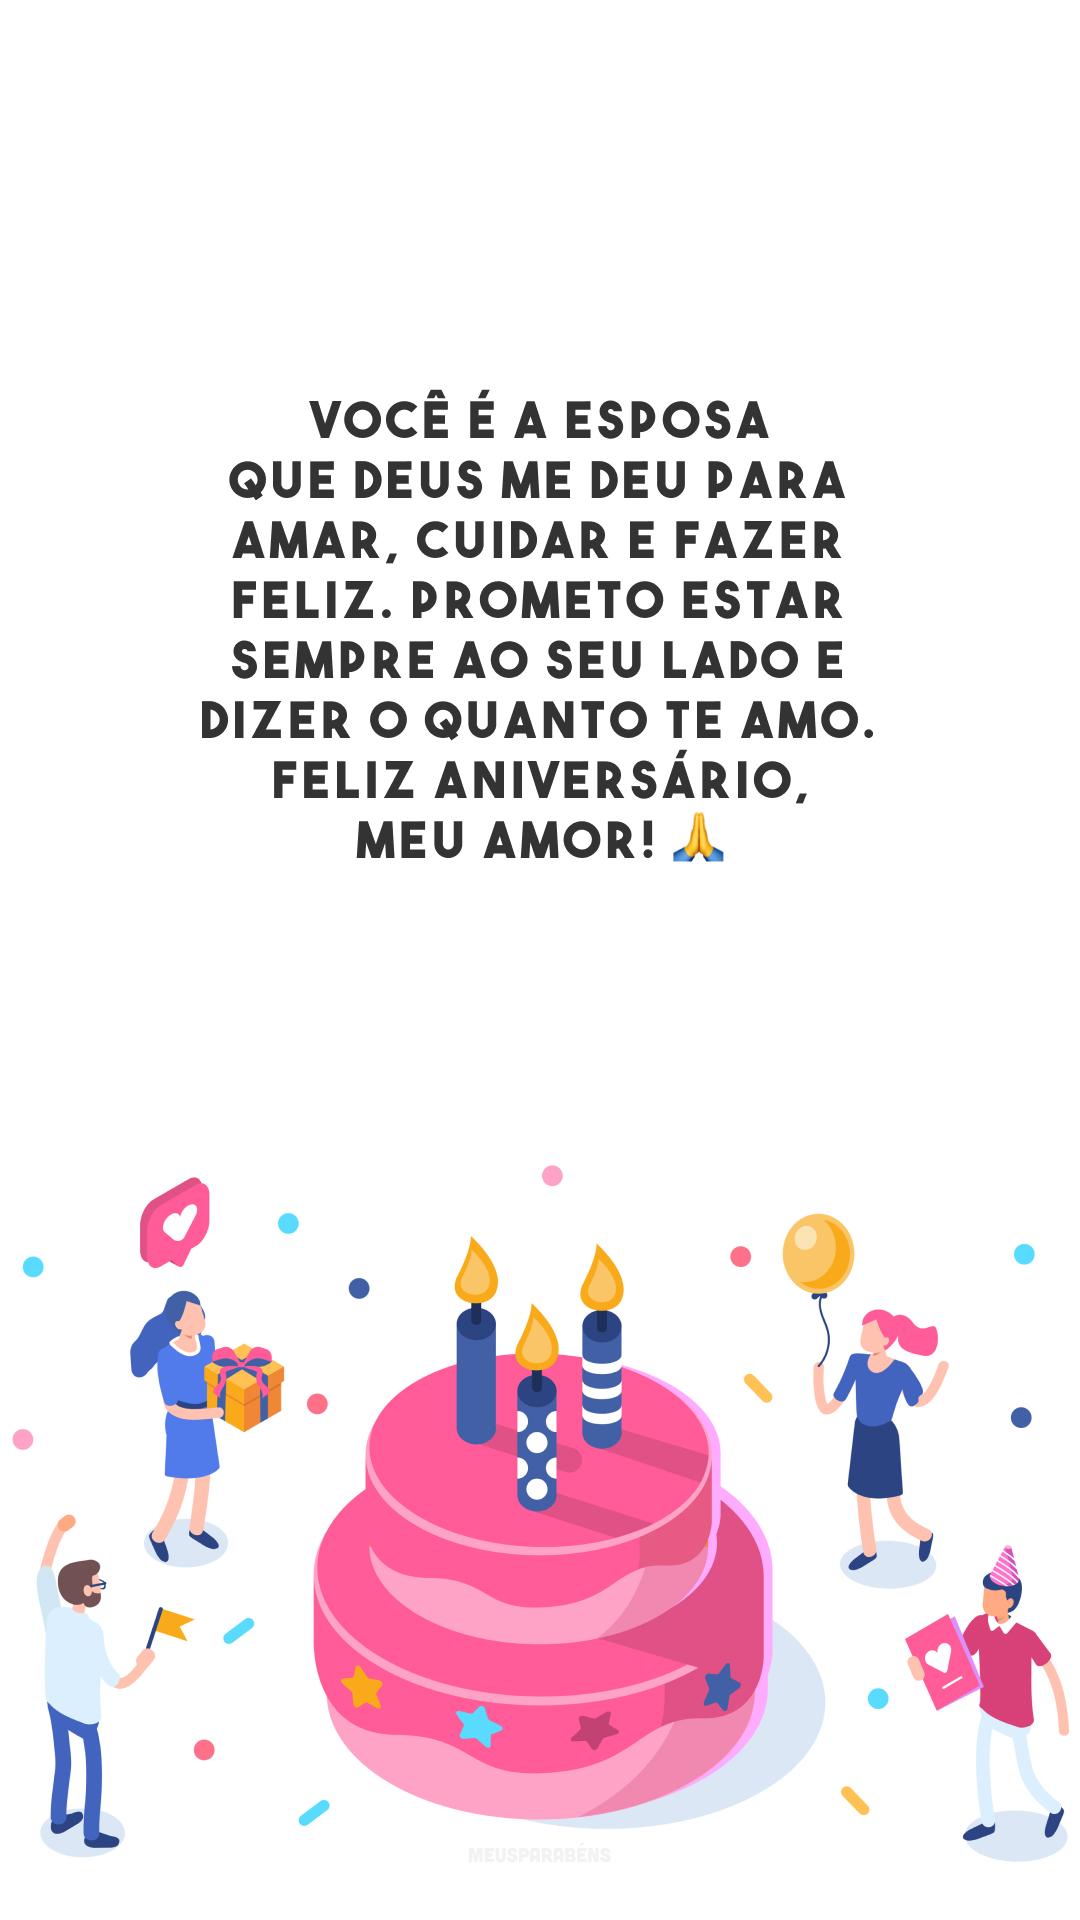 Você é a esposa que Deus me deu para amar, cuidar e fazer feliz. Prometo estar sempre ao seu lado e dizer o quanto te amo. Feliz aniversário, meu amor! 🙏